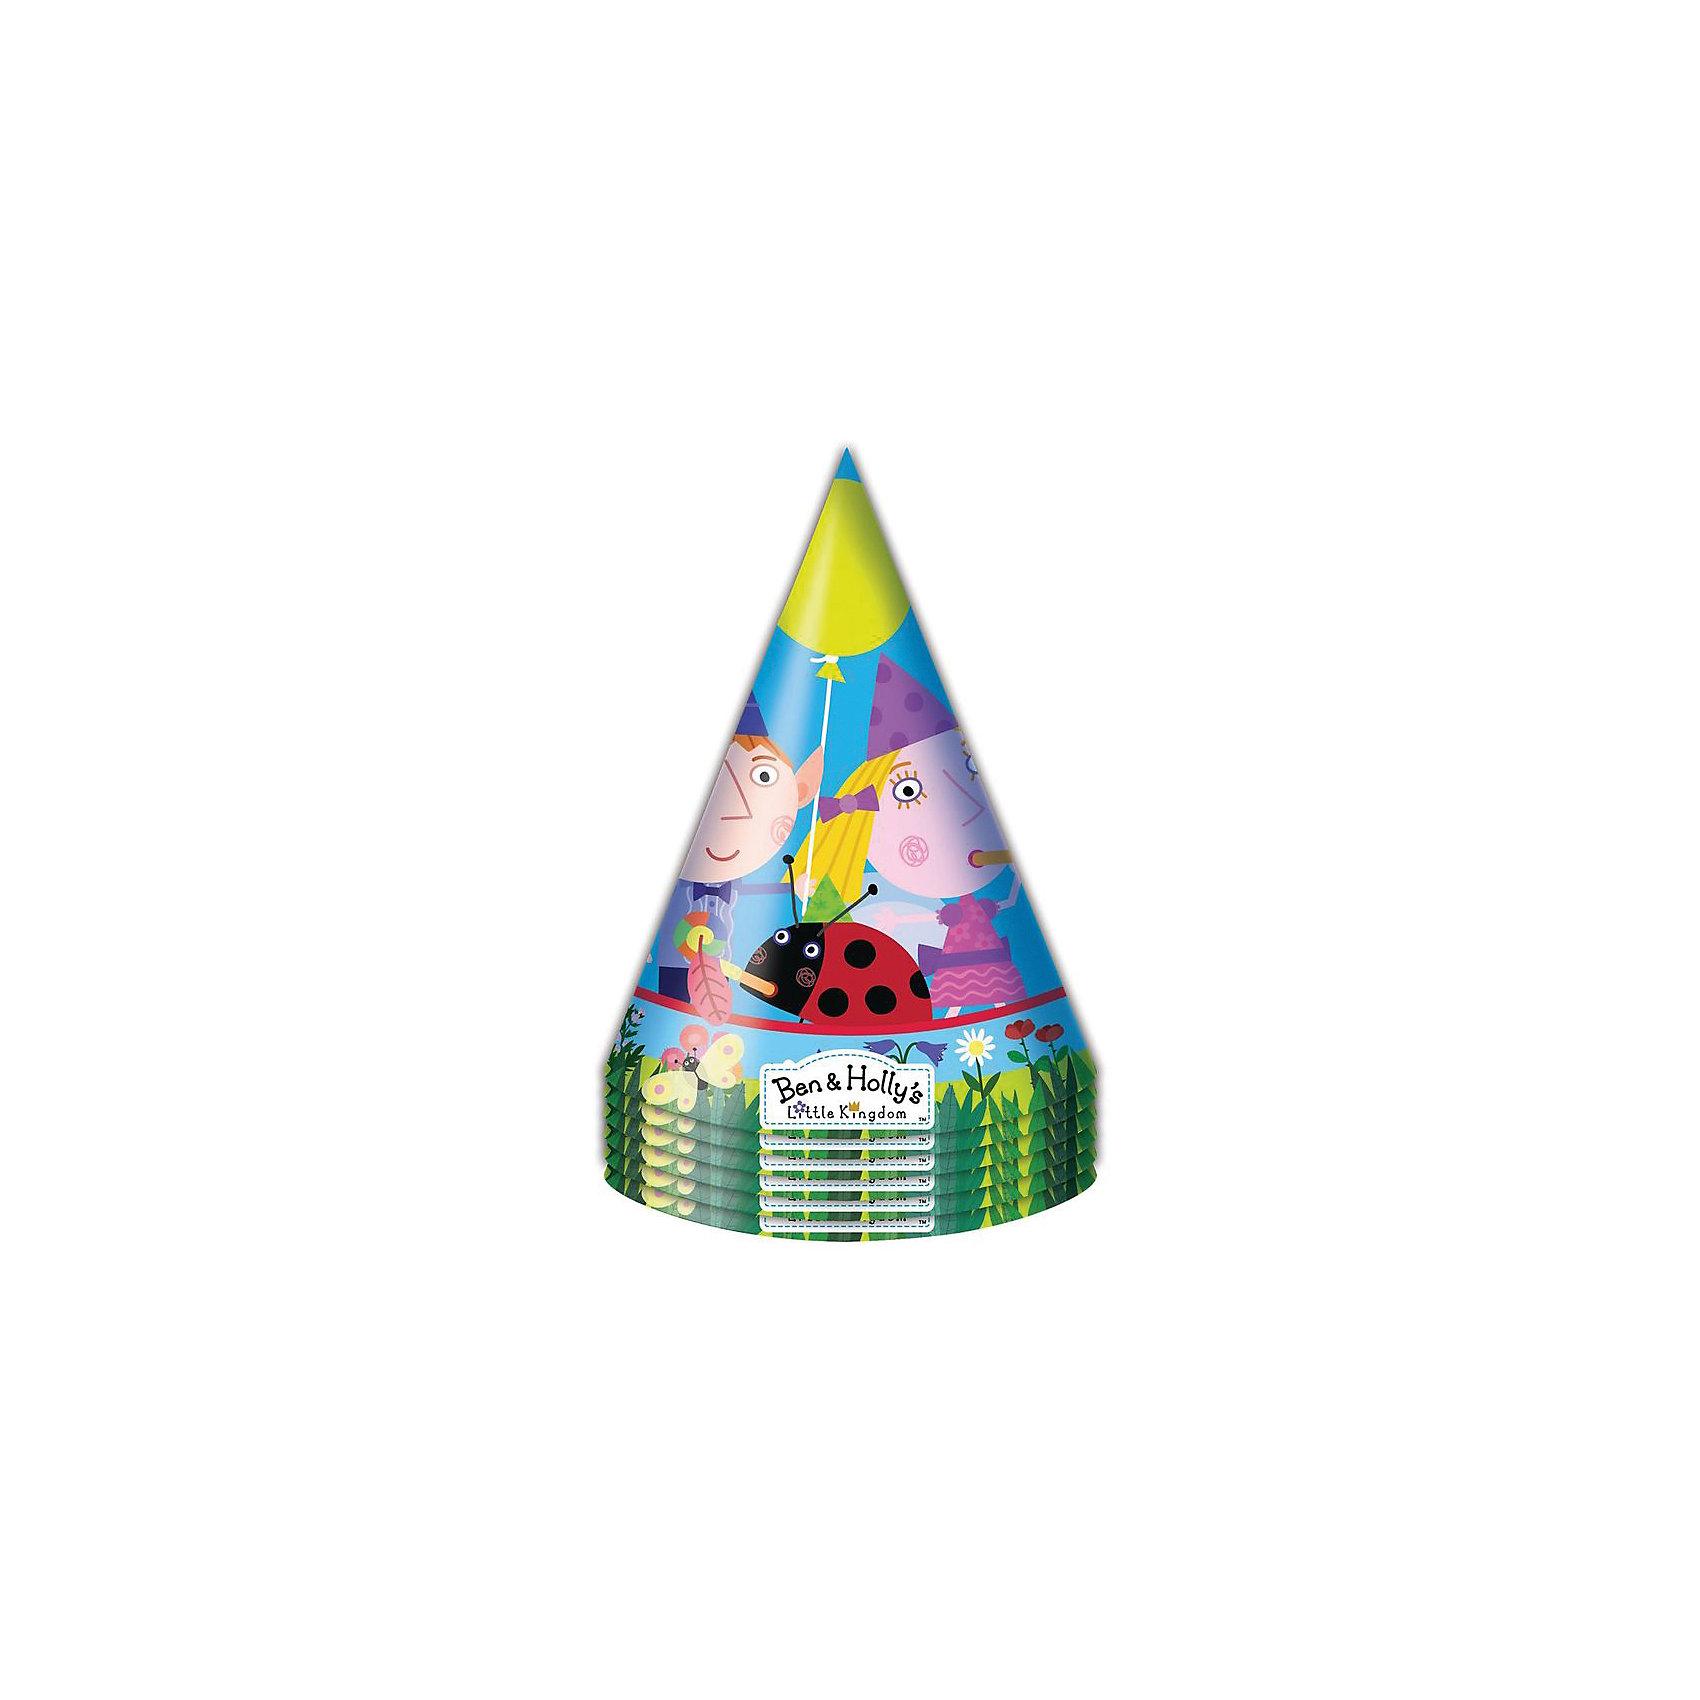 Колпачок 6 шт., Бен и ХоллиВсё для праздника<br>Бумажные колпачки с очаровательными героями мультфильма Ben &amp; Holly ярко и весело украсят всех гостей детского праздника, поднимут всем настроение и помогут устроить множество забавных игр. А чтобы оформить торжество в едином стиле, вы также можете выбрать из данной серии бумажные стаканы, тарелки, дудочки, язычки, салфетки, полиэтиленовую скатерть, свечи, хлопушку и другое.<br><br>Ширина мм: 100<br>Глубина мм: 100<br>Высота мм: 165<br>Вес г: 50<br>Возраст от месяцев: 36<br>Возраст до месяцев: 2147483647<br>Пол: Унисекс<br>Возраст: Детский<br>SKU: 5453495